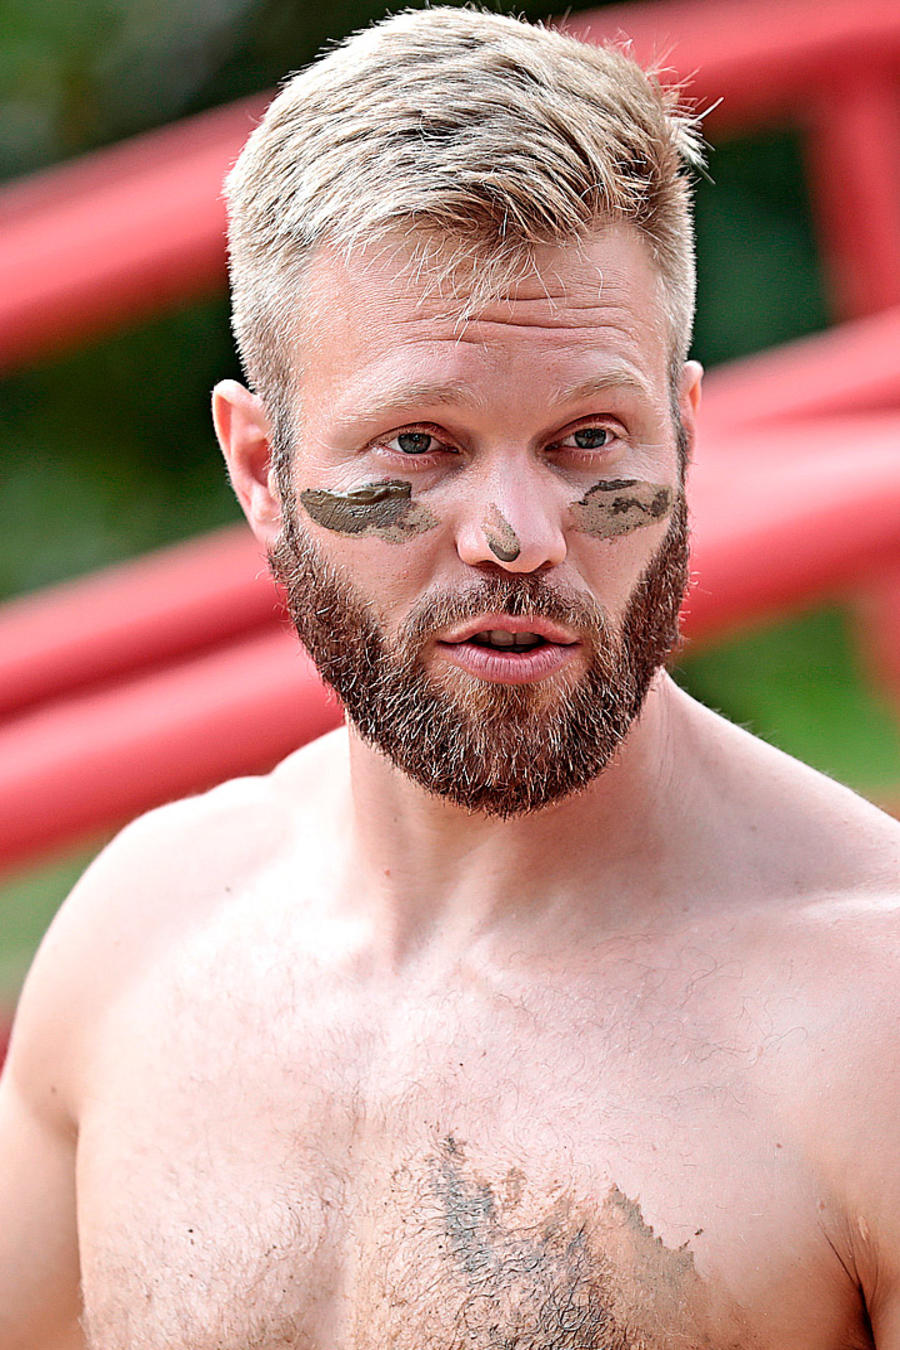 Nate con barro en la cara